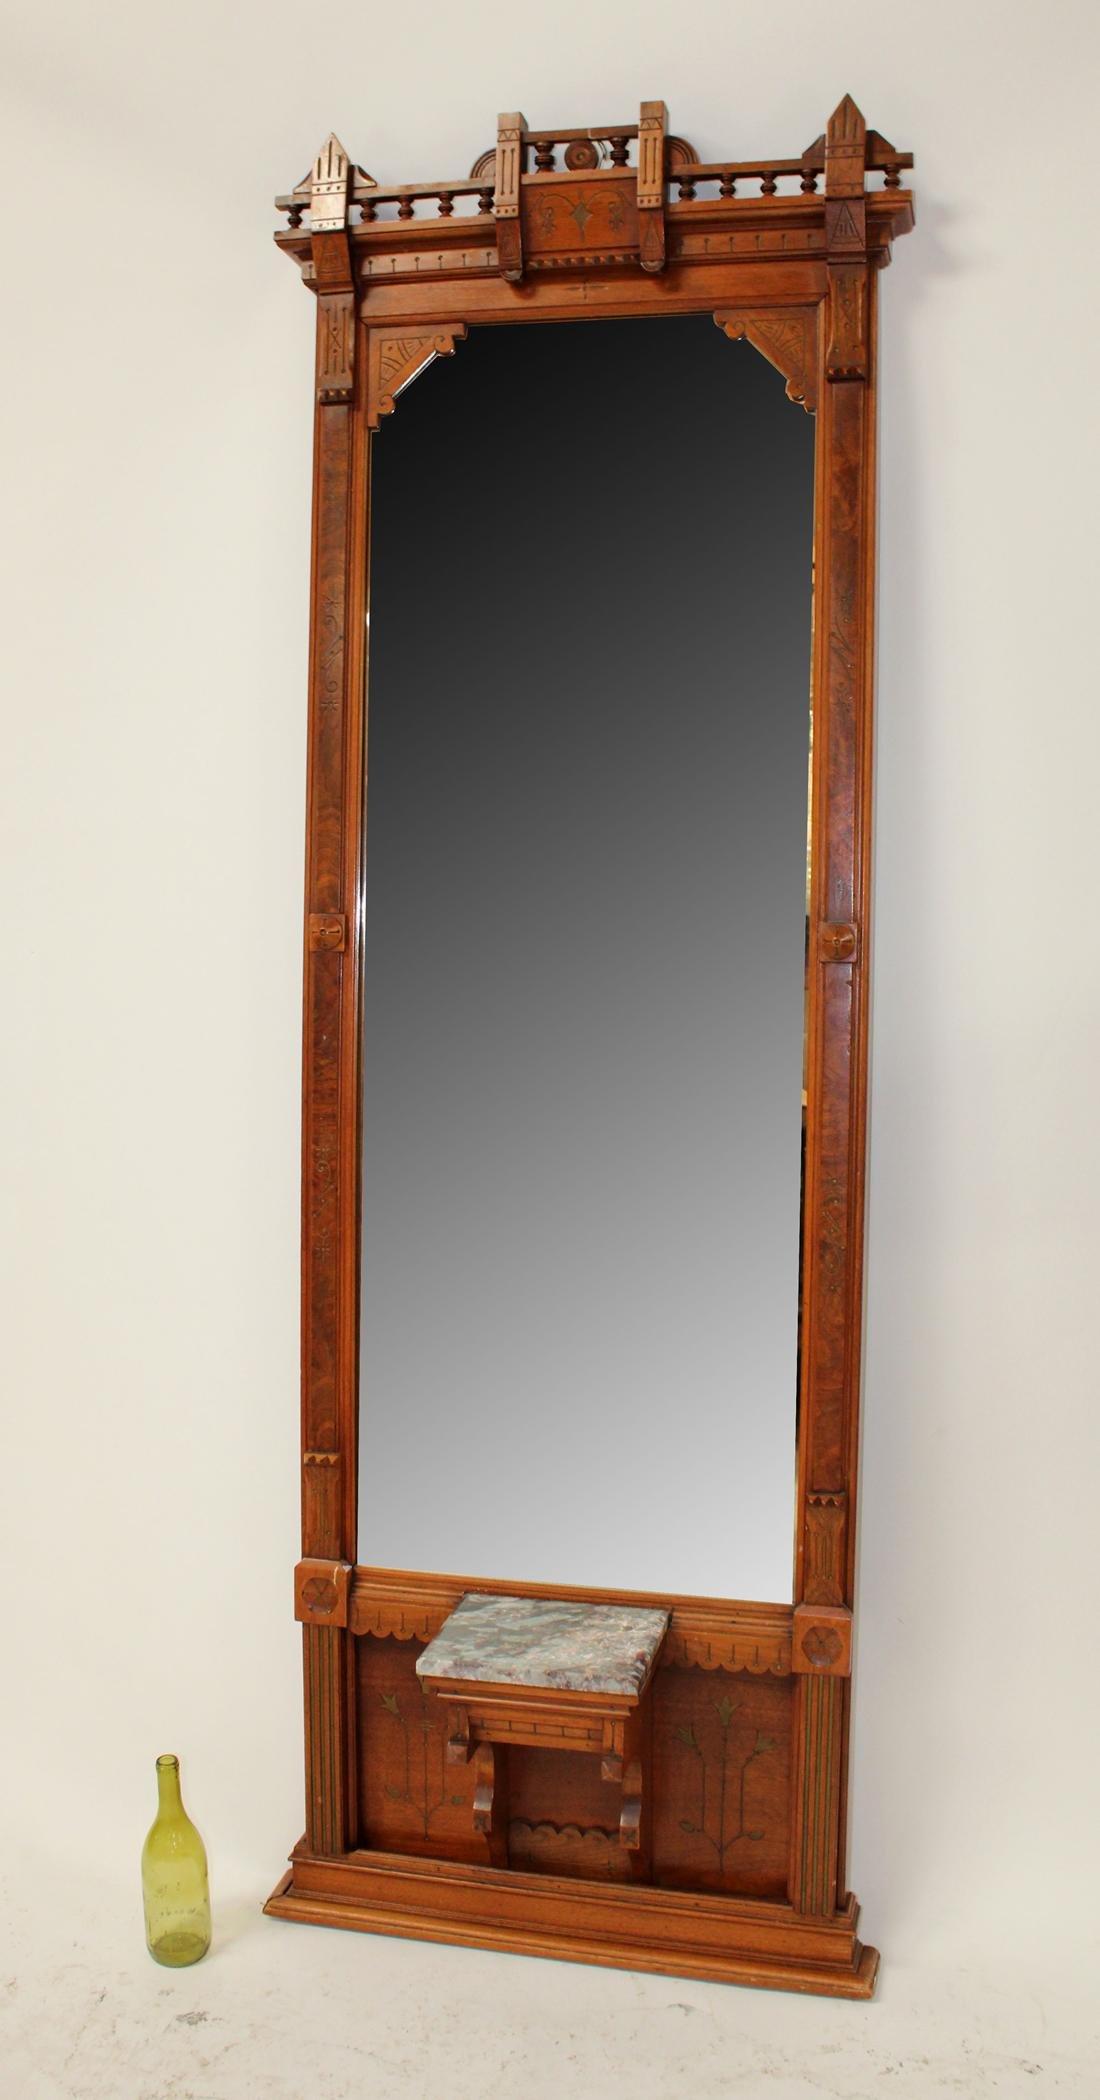 American Eastlake pier mirror in walnut